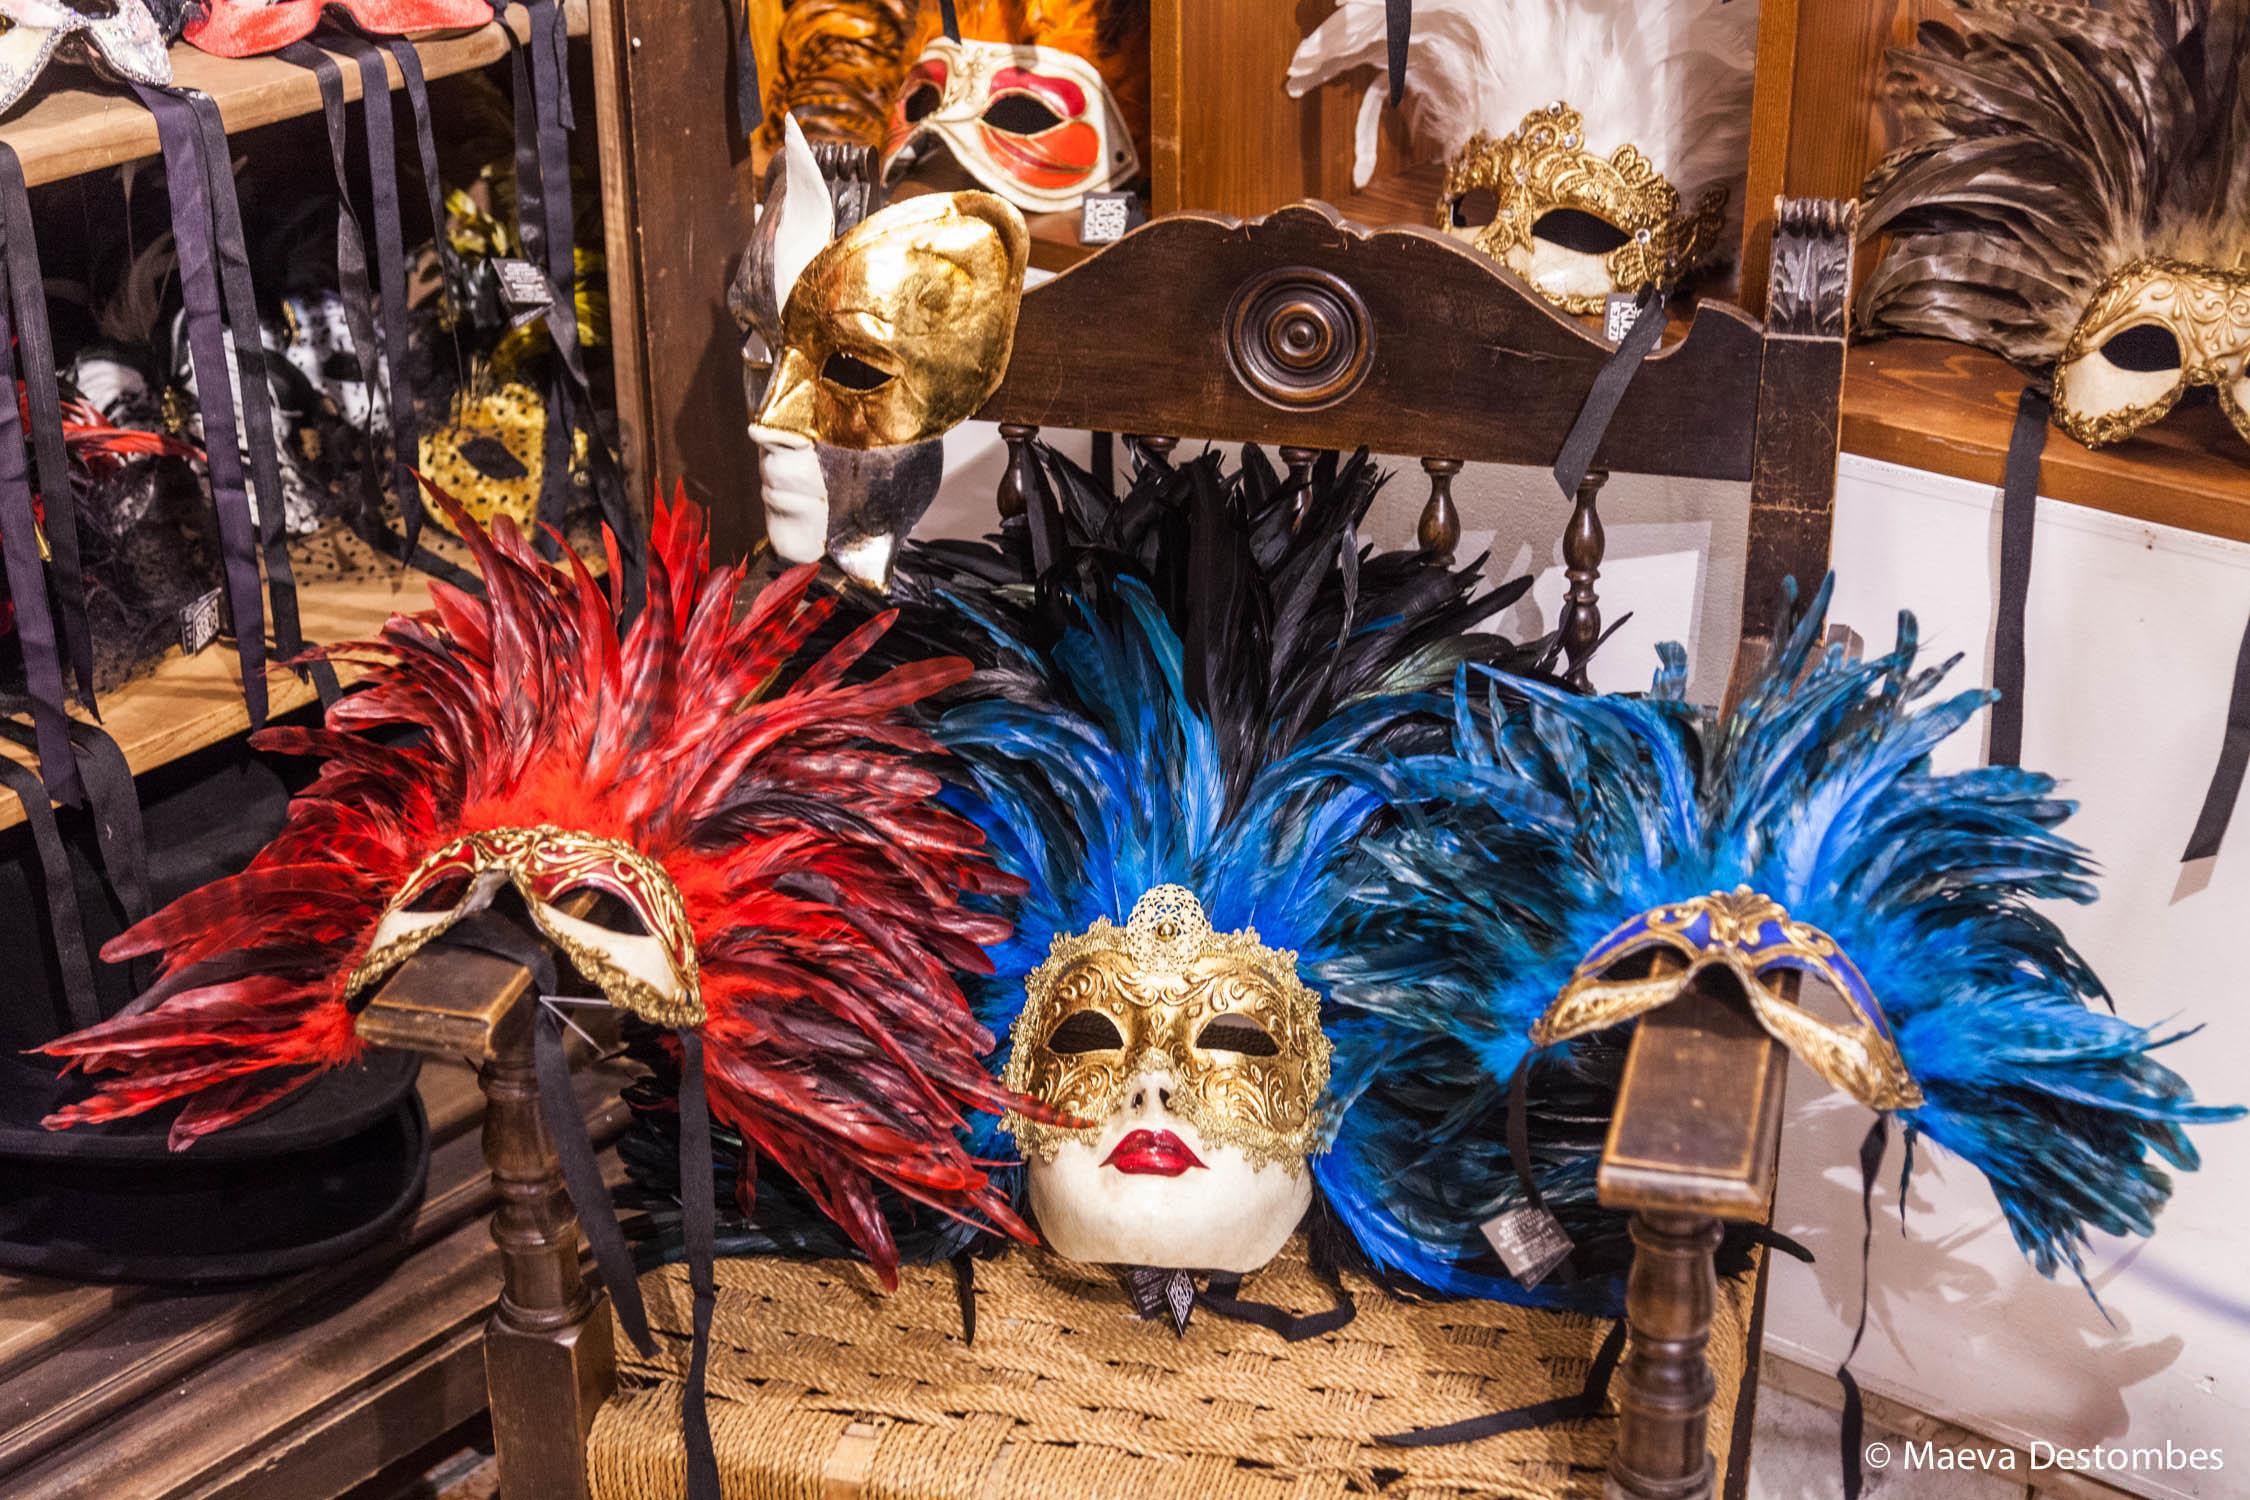 Des masques à plumes posés sur une chaise dans une boutique au carnaval de Venise